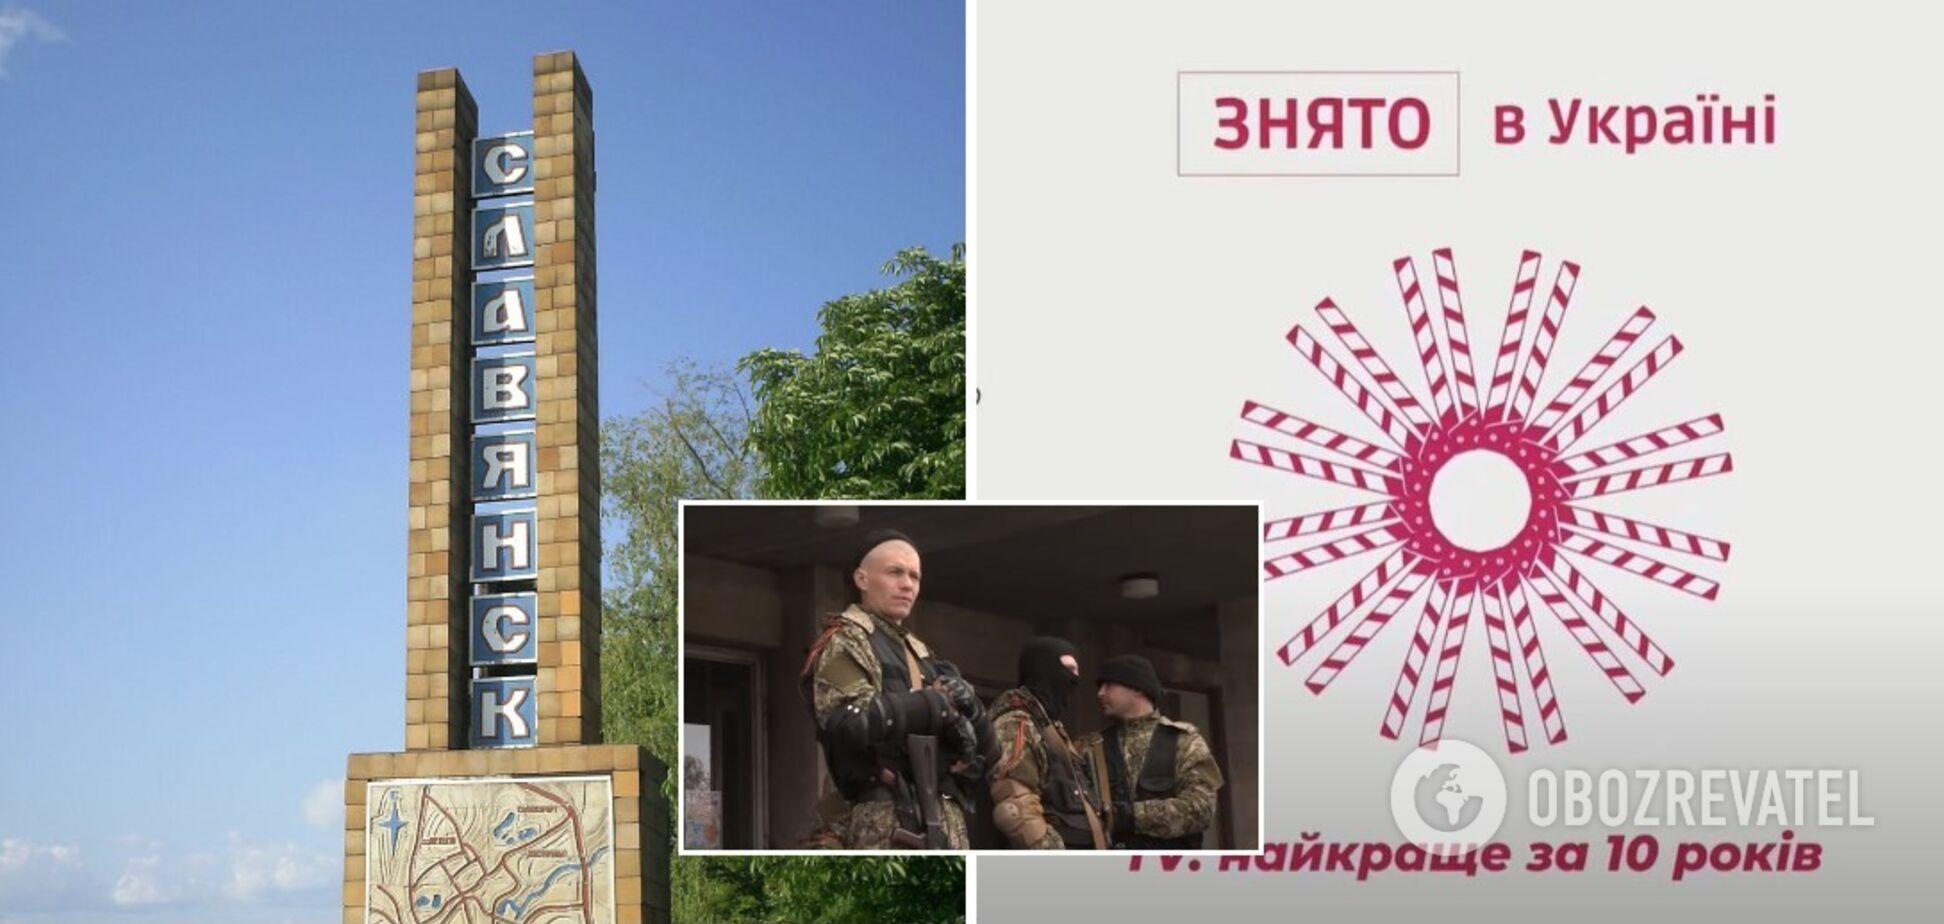 Лента об оккупации Славянска признана лучшей в рейтинге 'Снято в Украине'